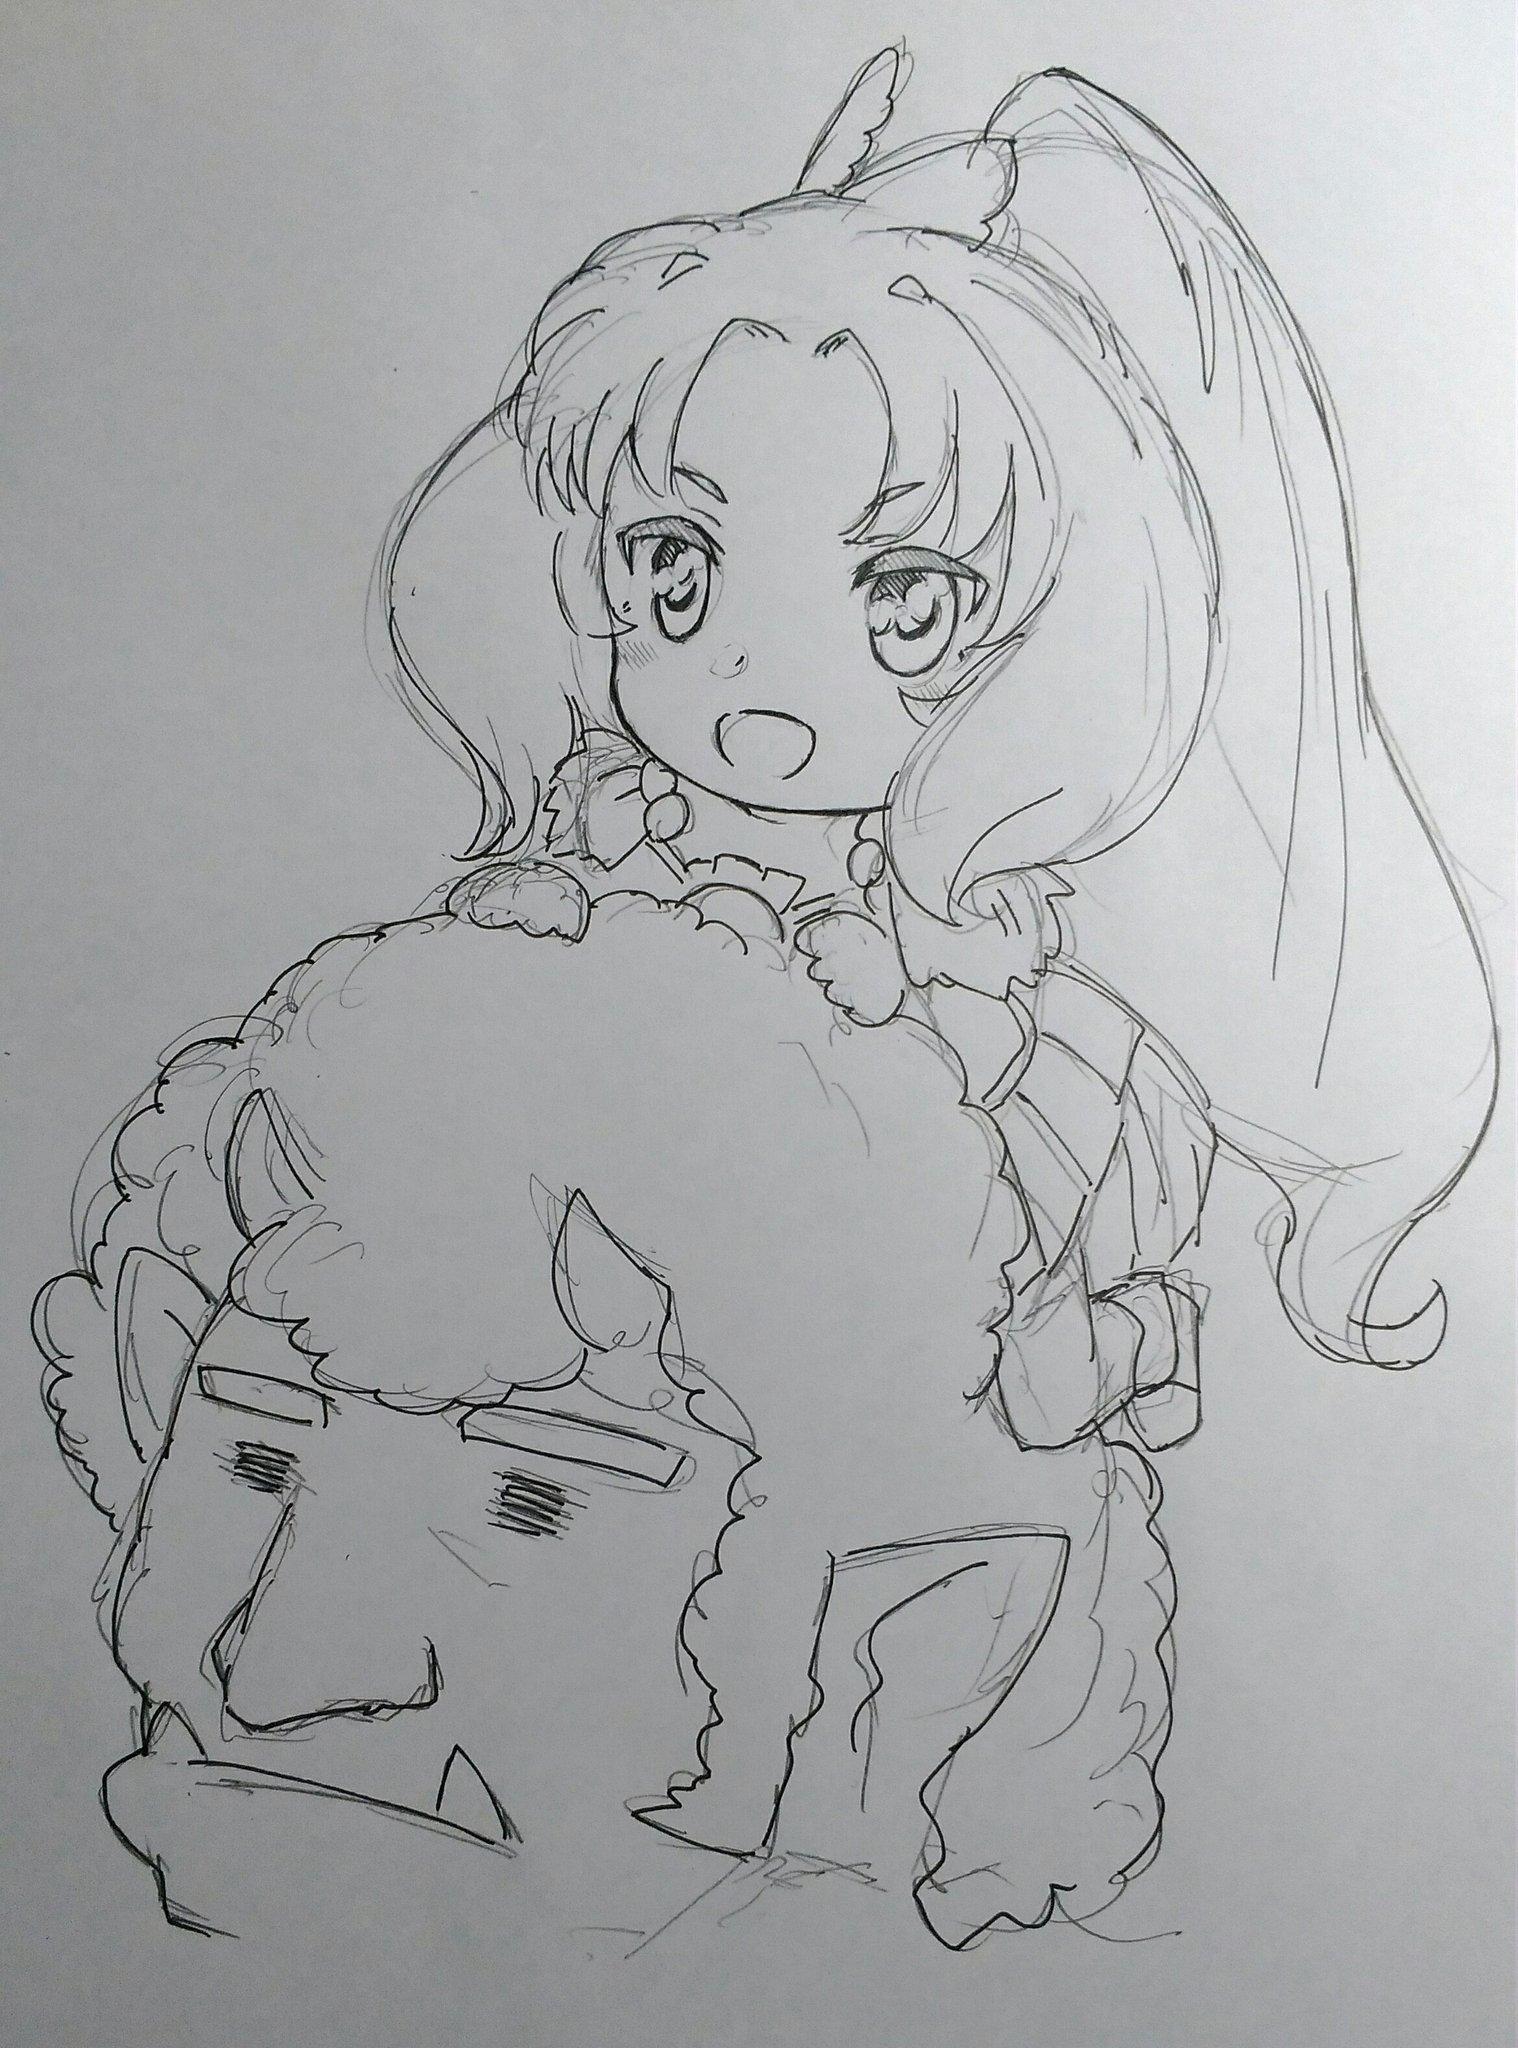 らだぱ (@yoyoyo8818)さんのイラスト